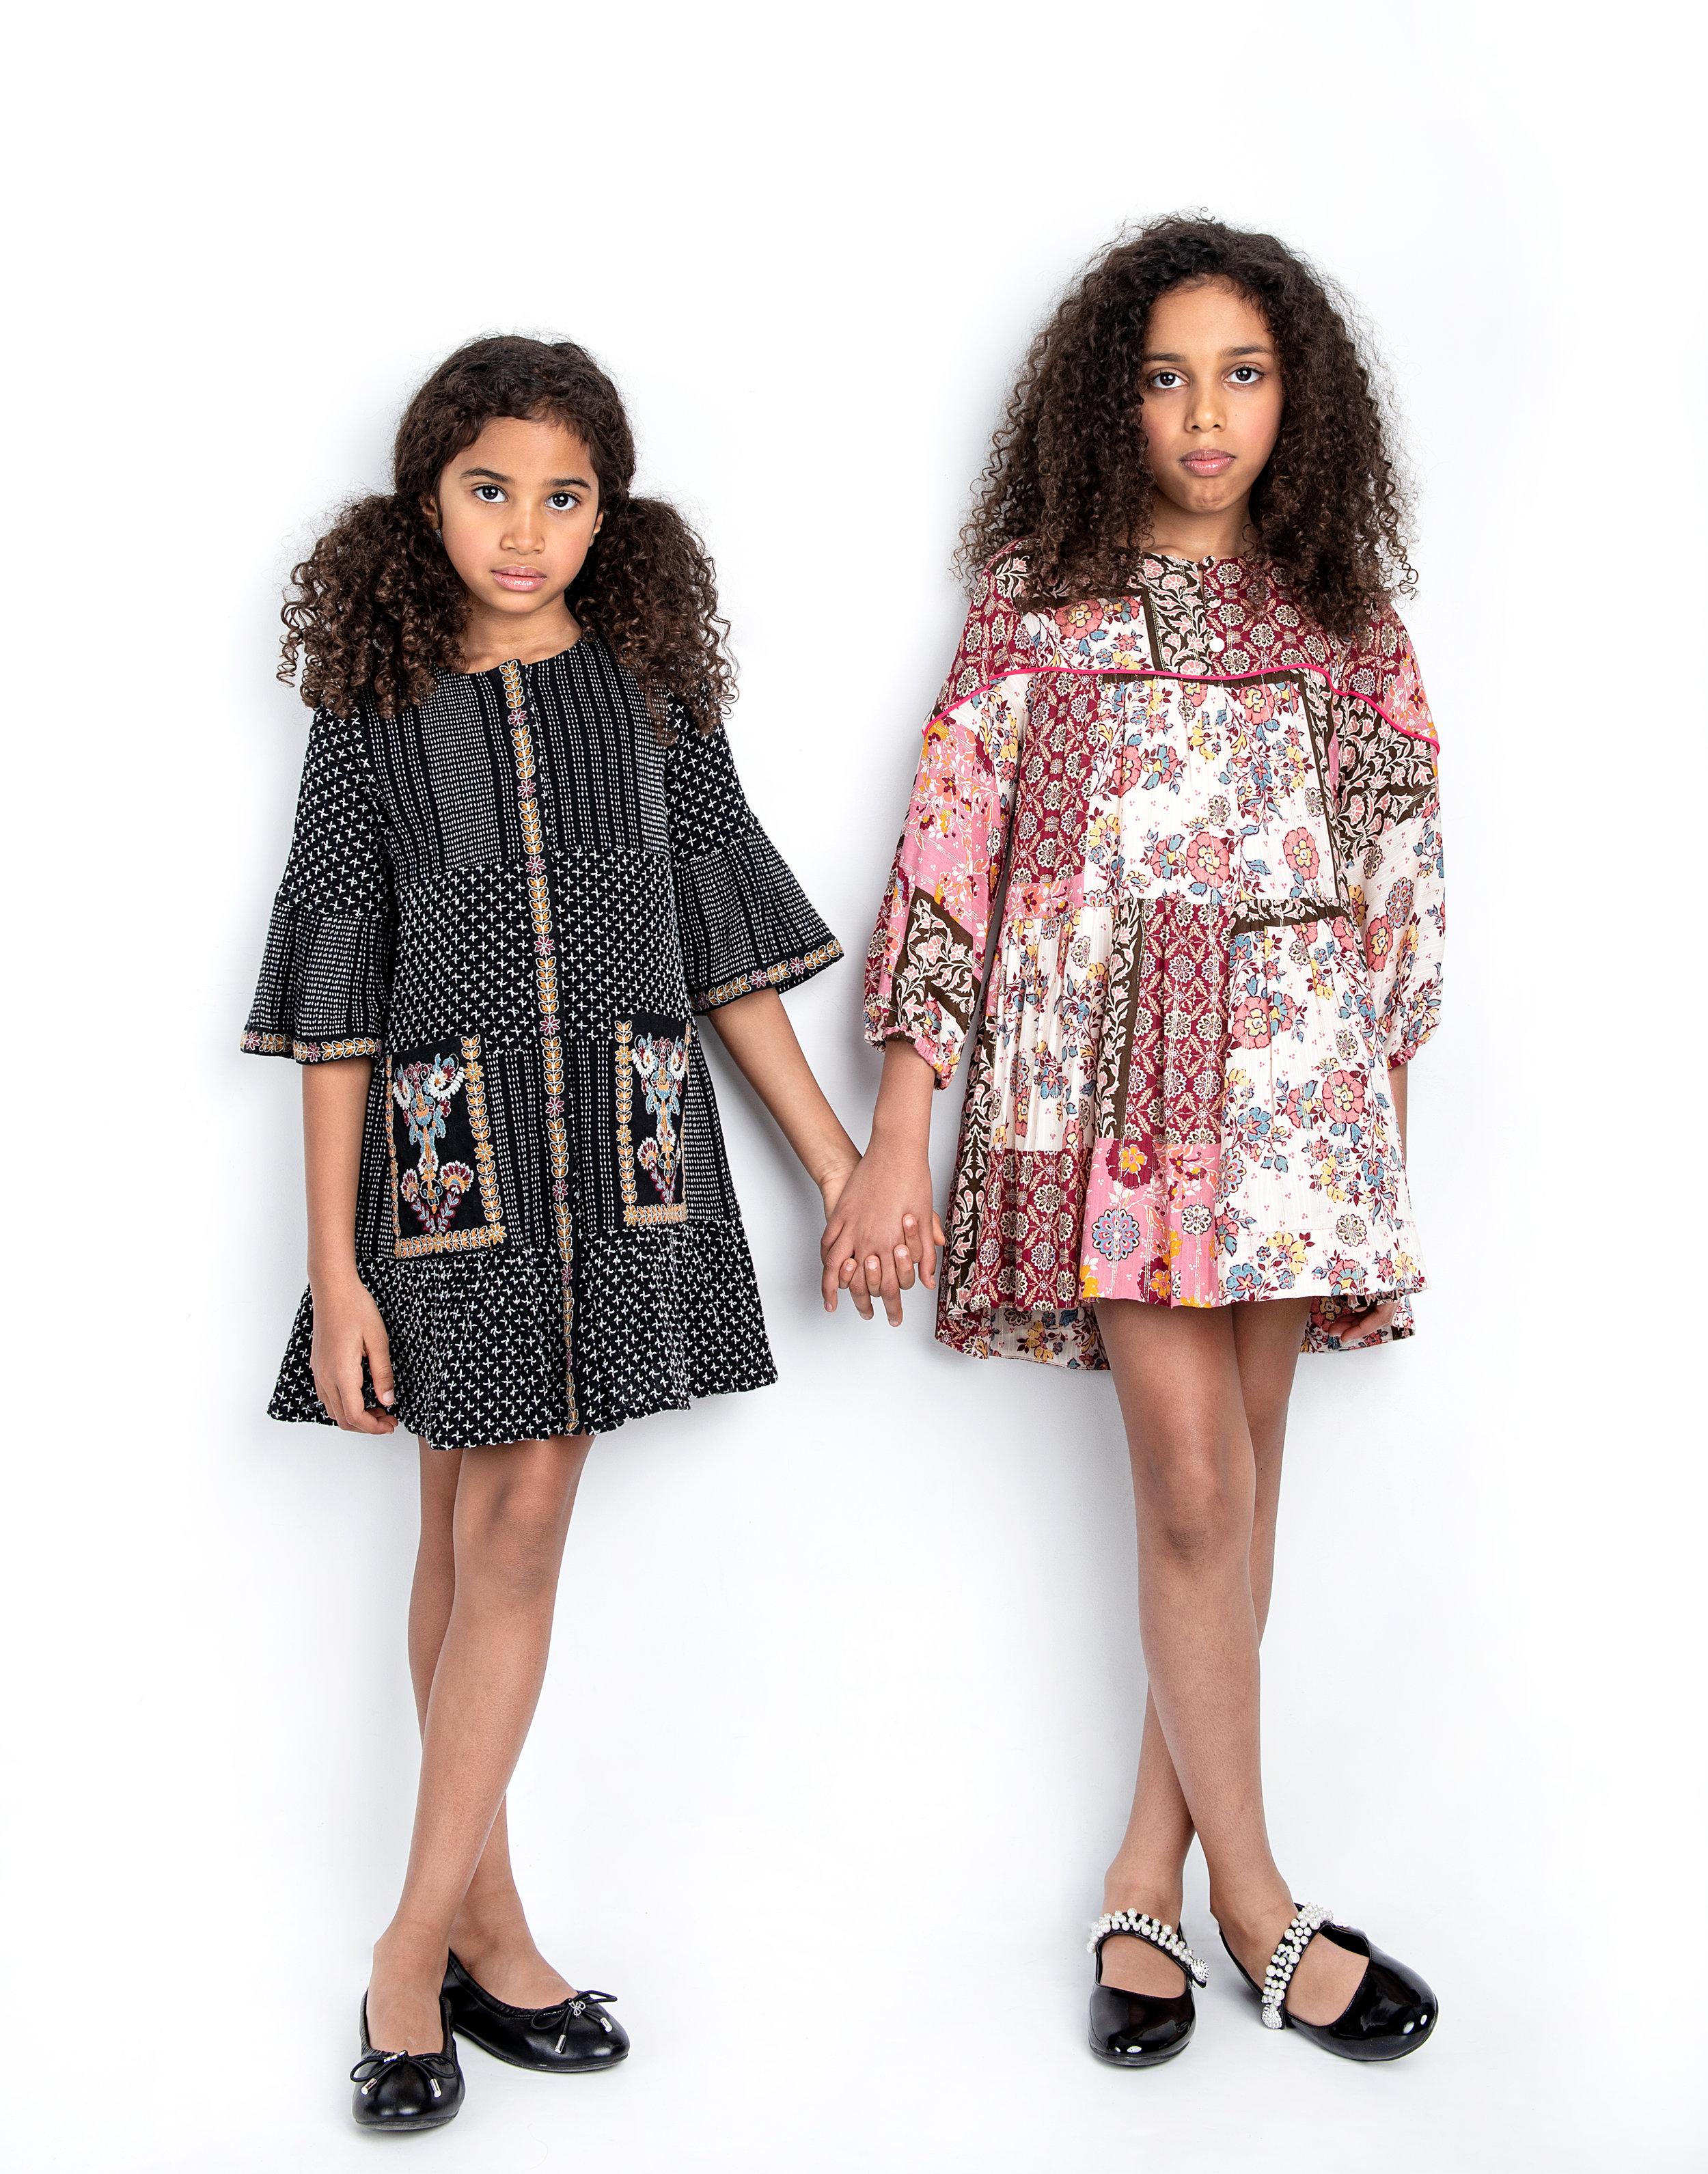 Zara & Ameera (sisters)